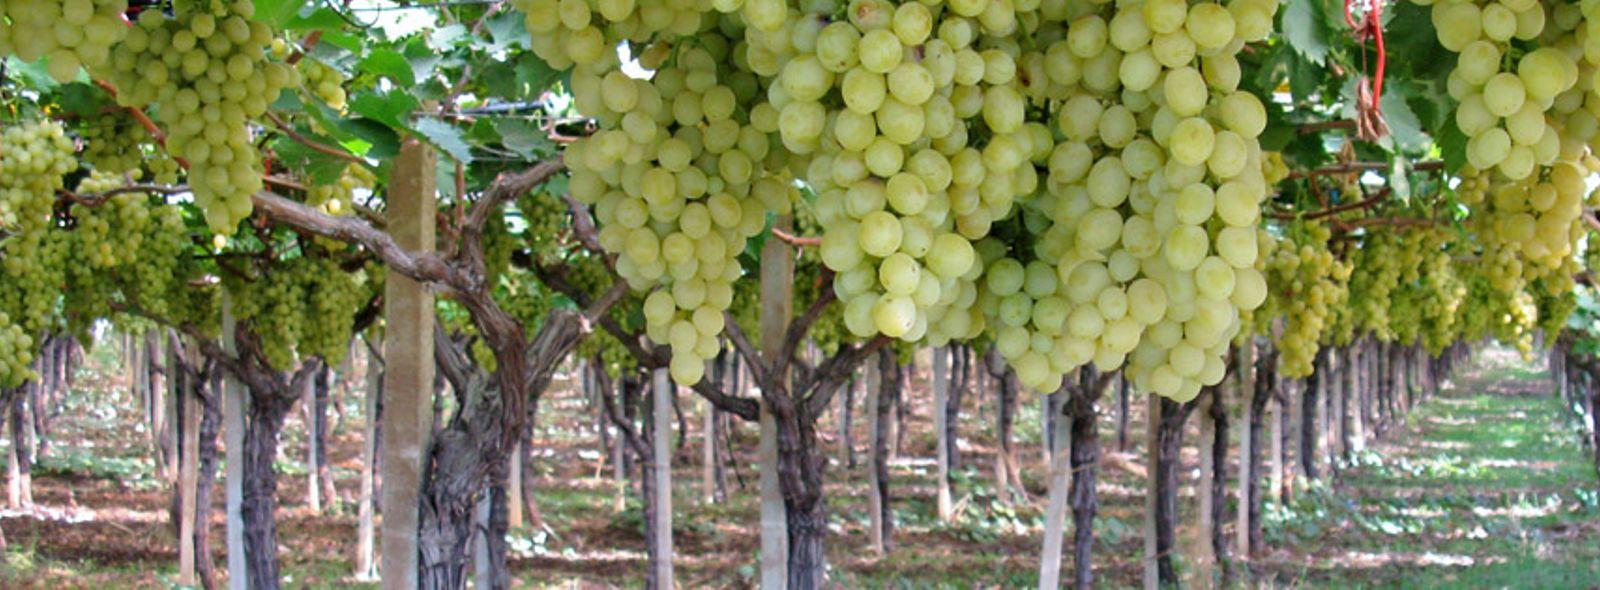 Itinerario degustazione vini Puglia